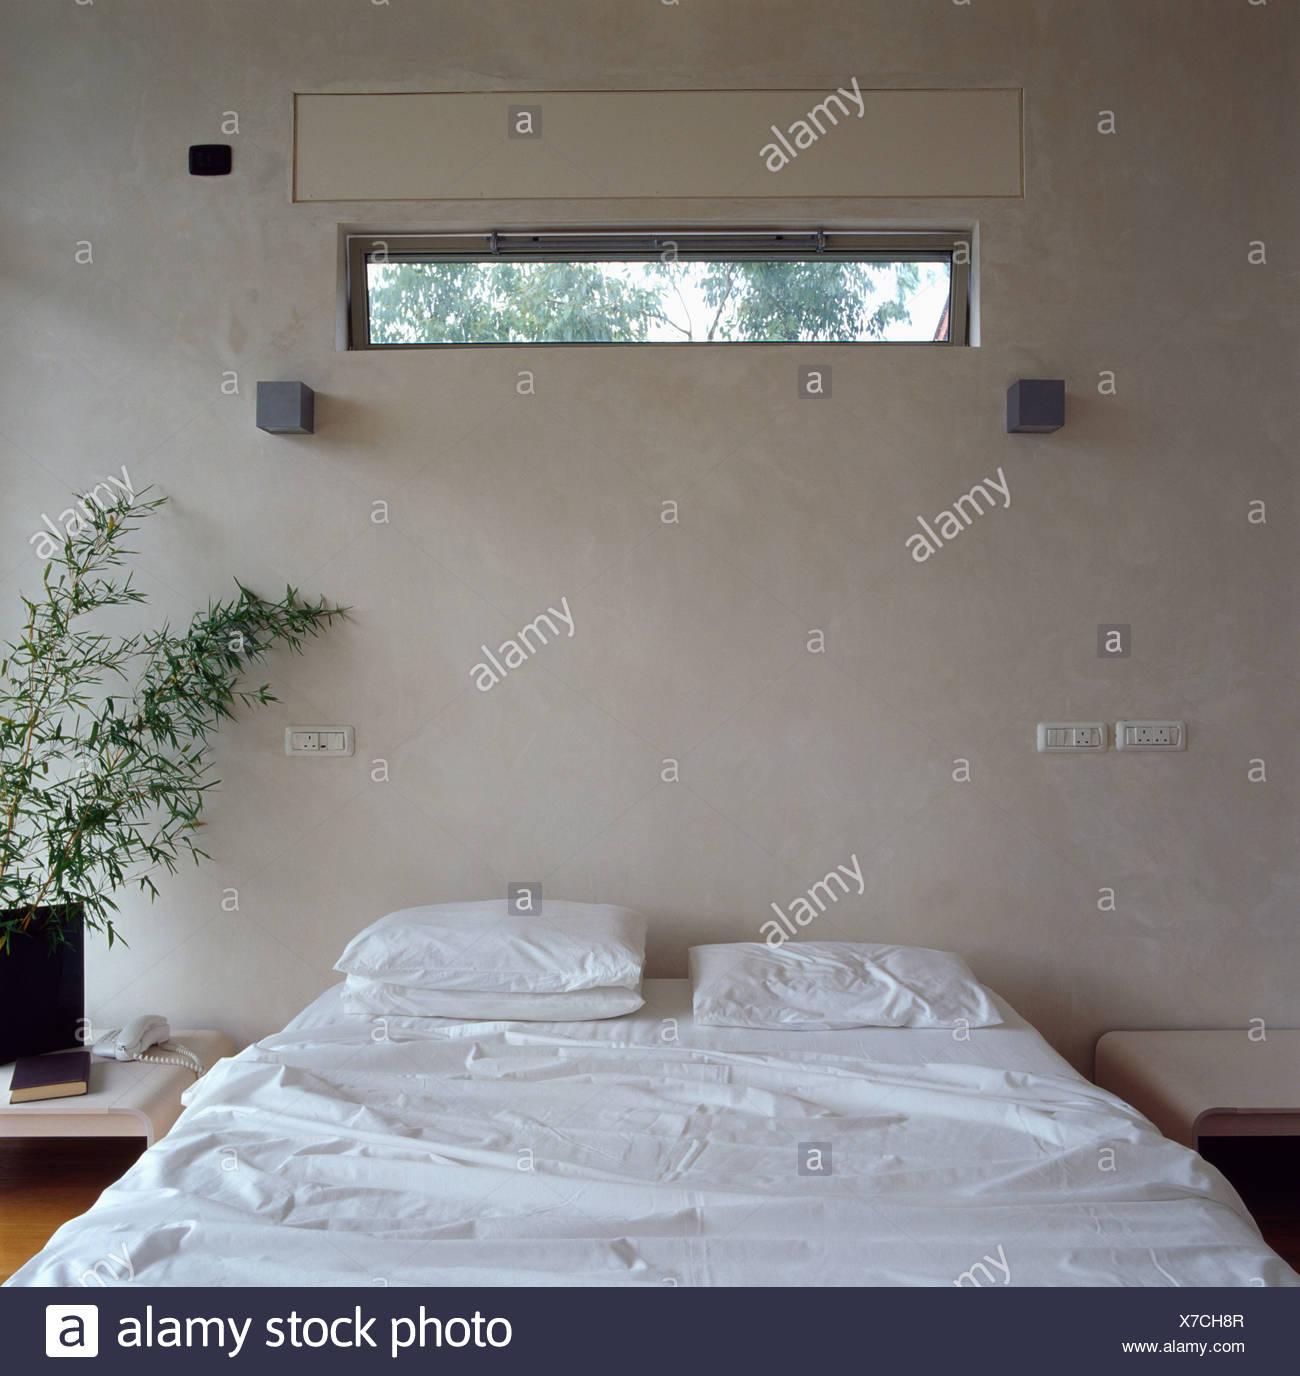 Schmale fenster ber bett mit wei en bettw sche in modernen wei e schlafzimmer stockfoto bild for Schlafzimmer bild uber bett